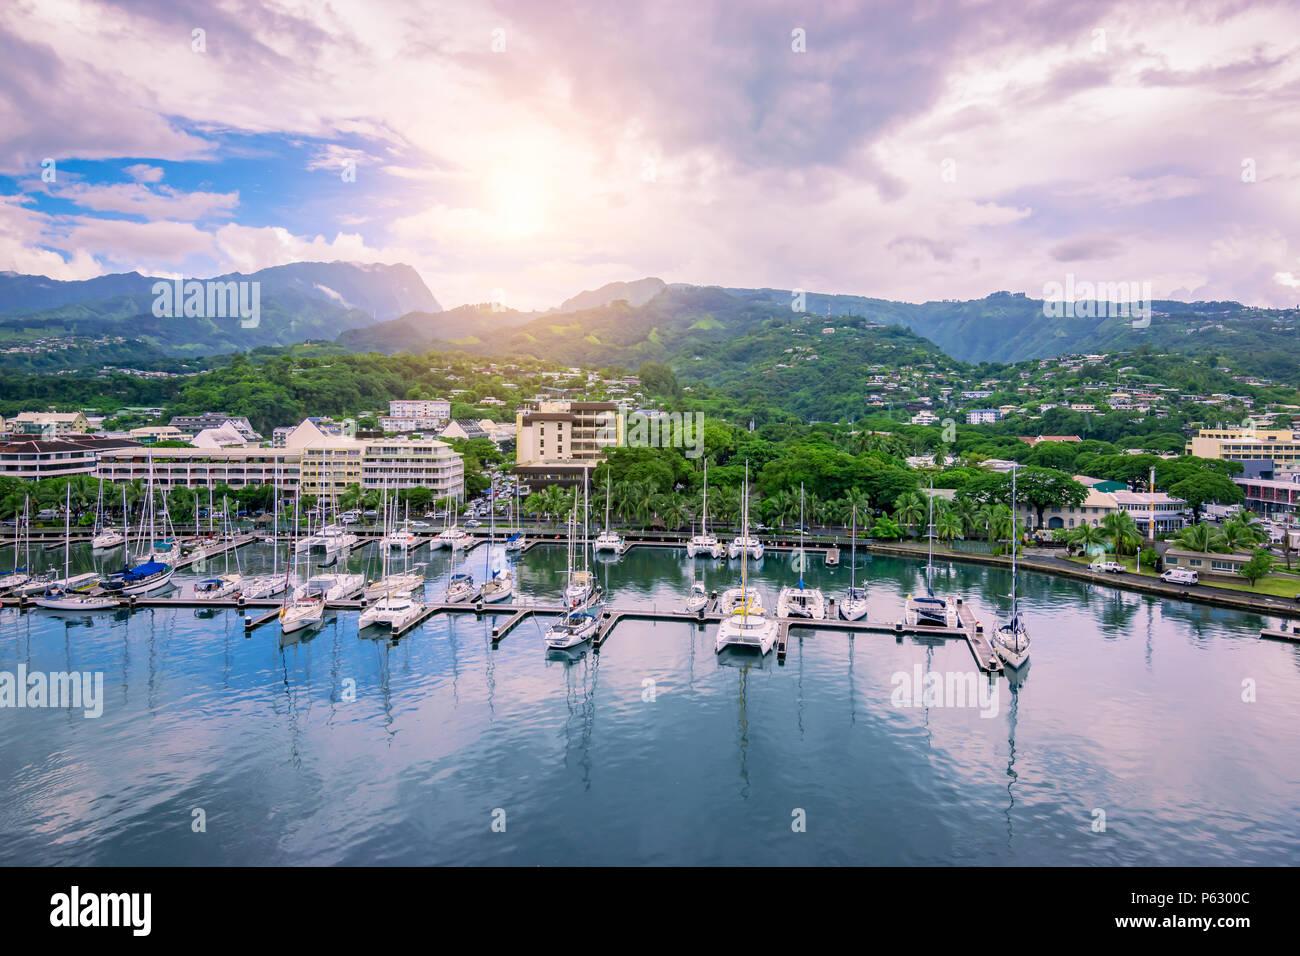 Papeete, Tahiti, French Polynesia - Stock Image